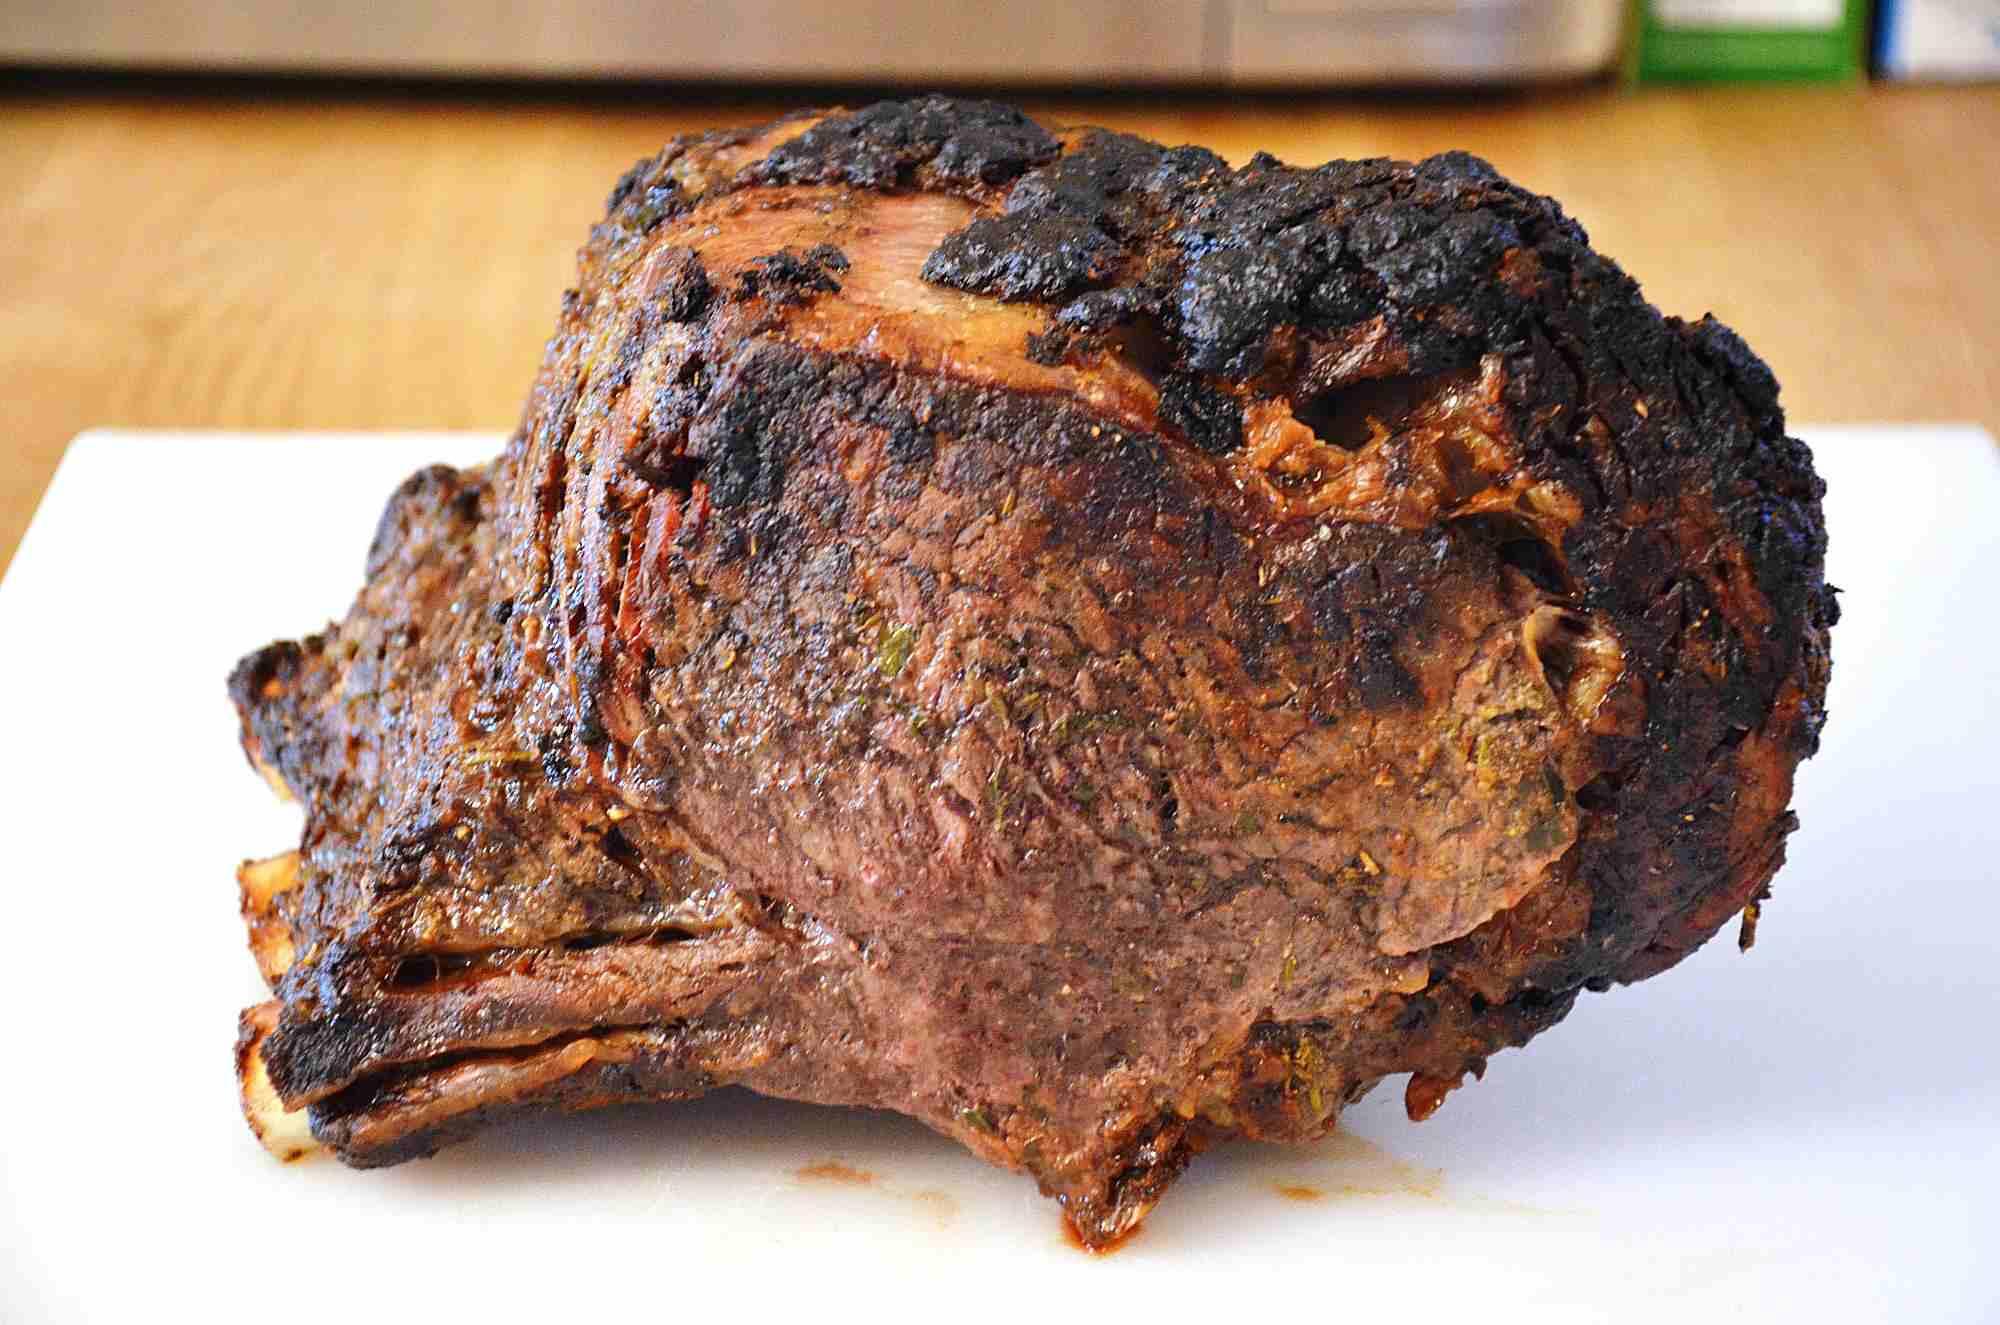 Finished rib roast